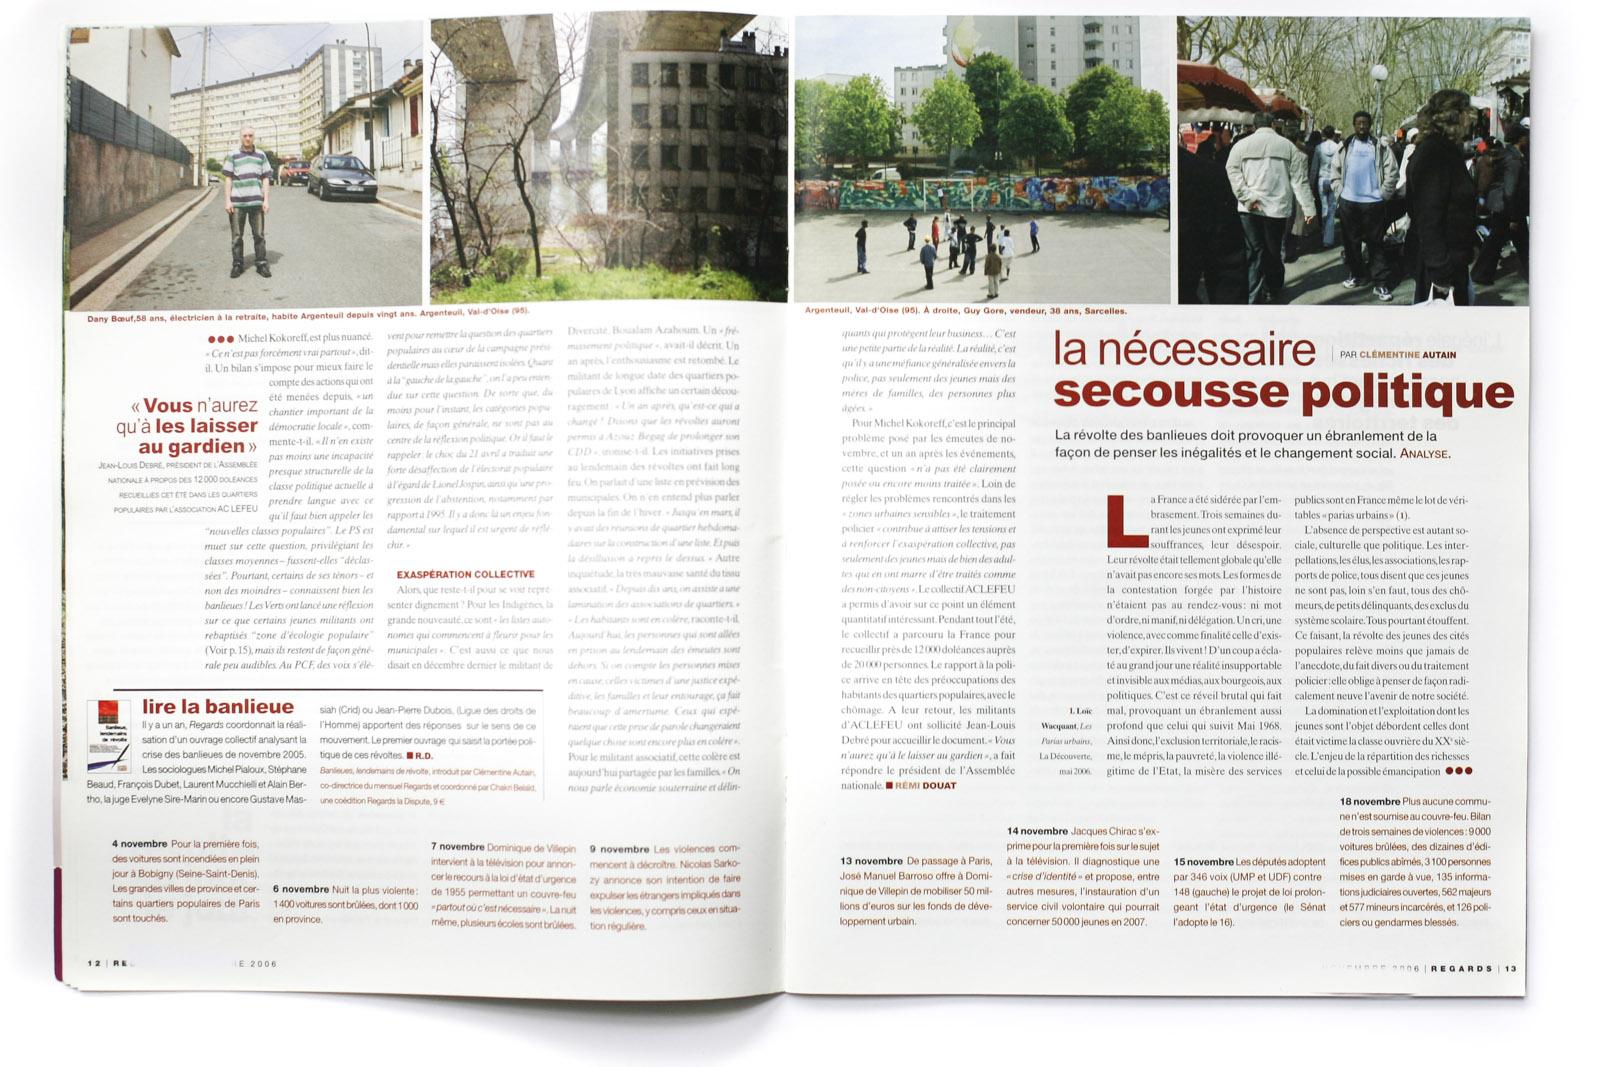 lm_20131001_160718_fr_paris_publication_